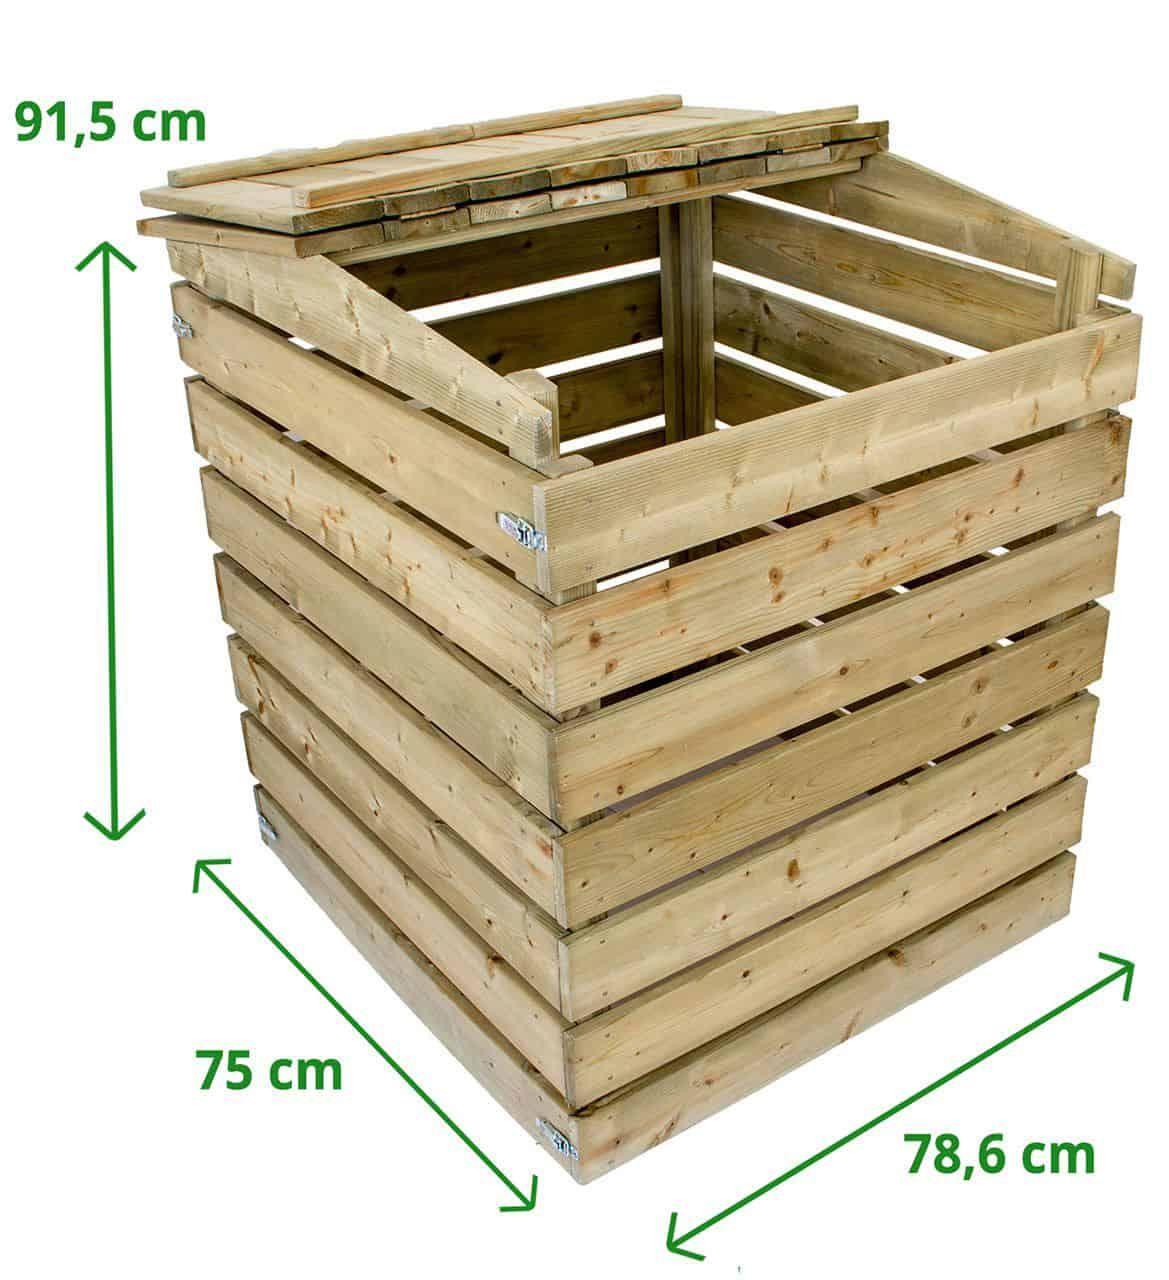 Komposter Aus Holz Mit Deckel Kompostierer Holzkomposter Kompost Larchenholz Und Kesseldruckimpragniert